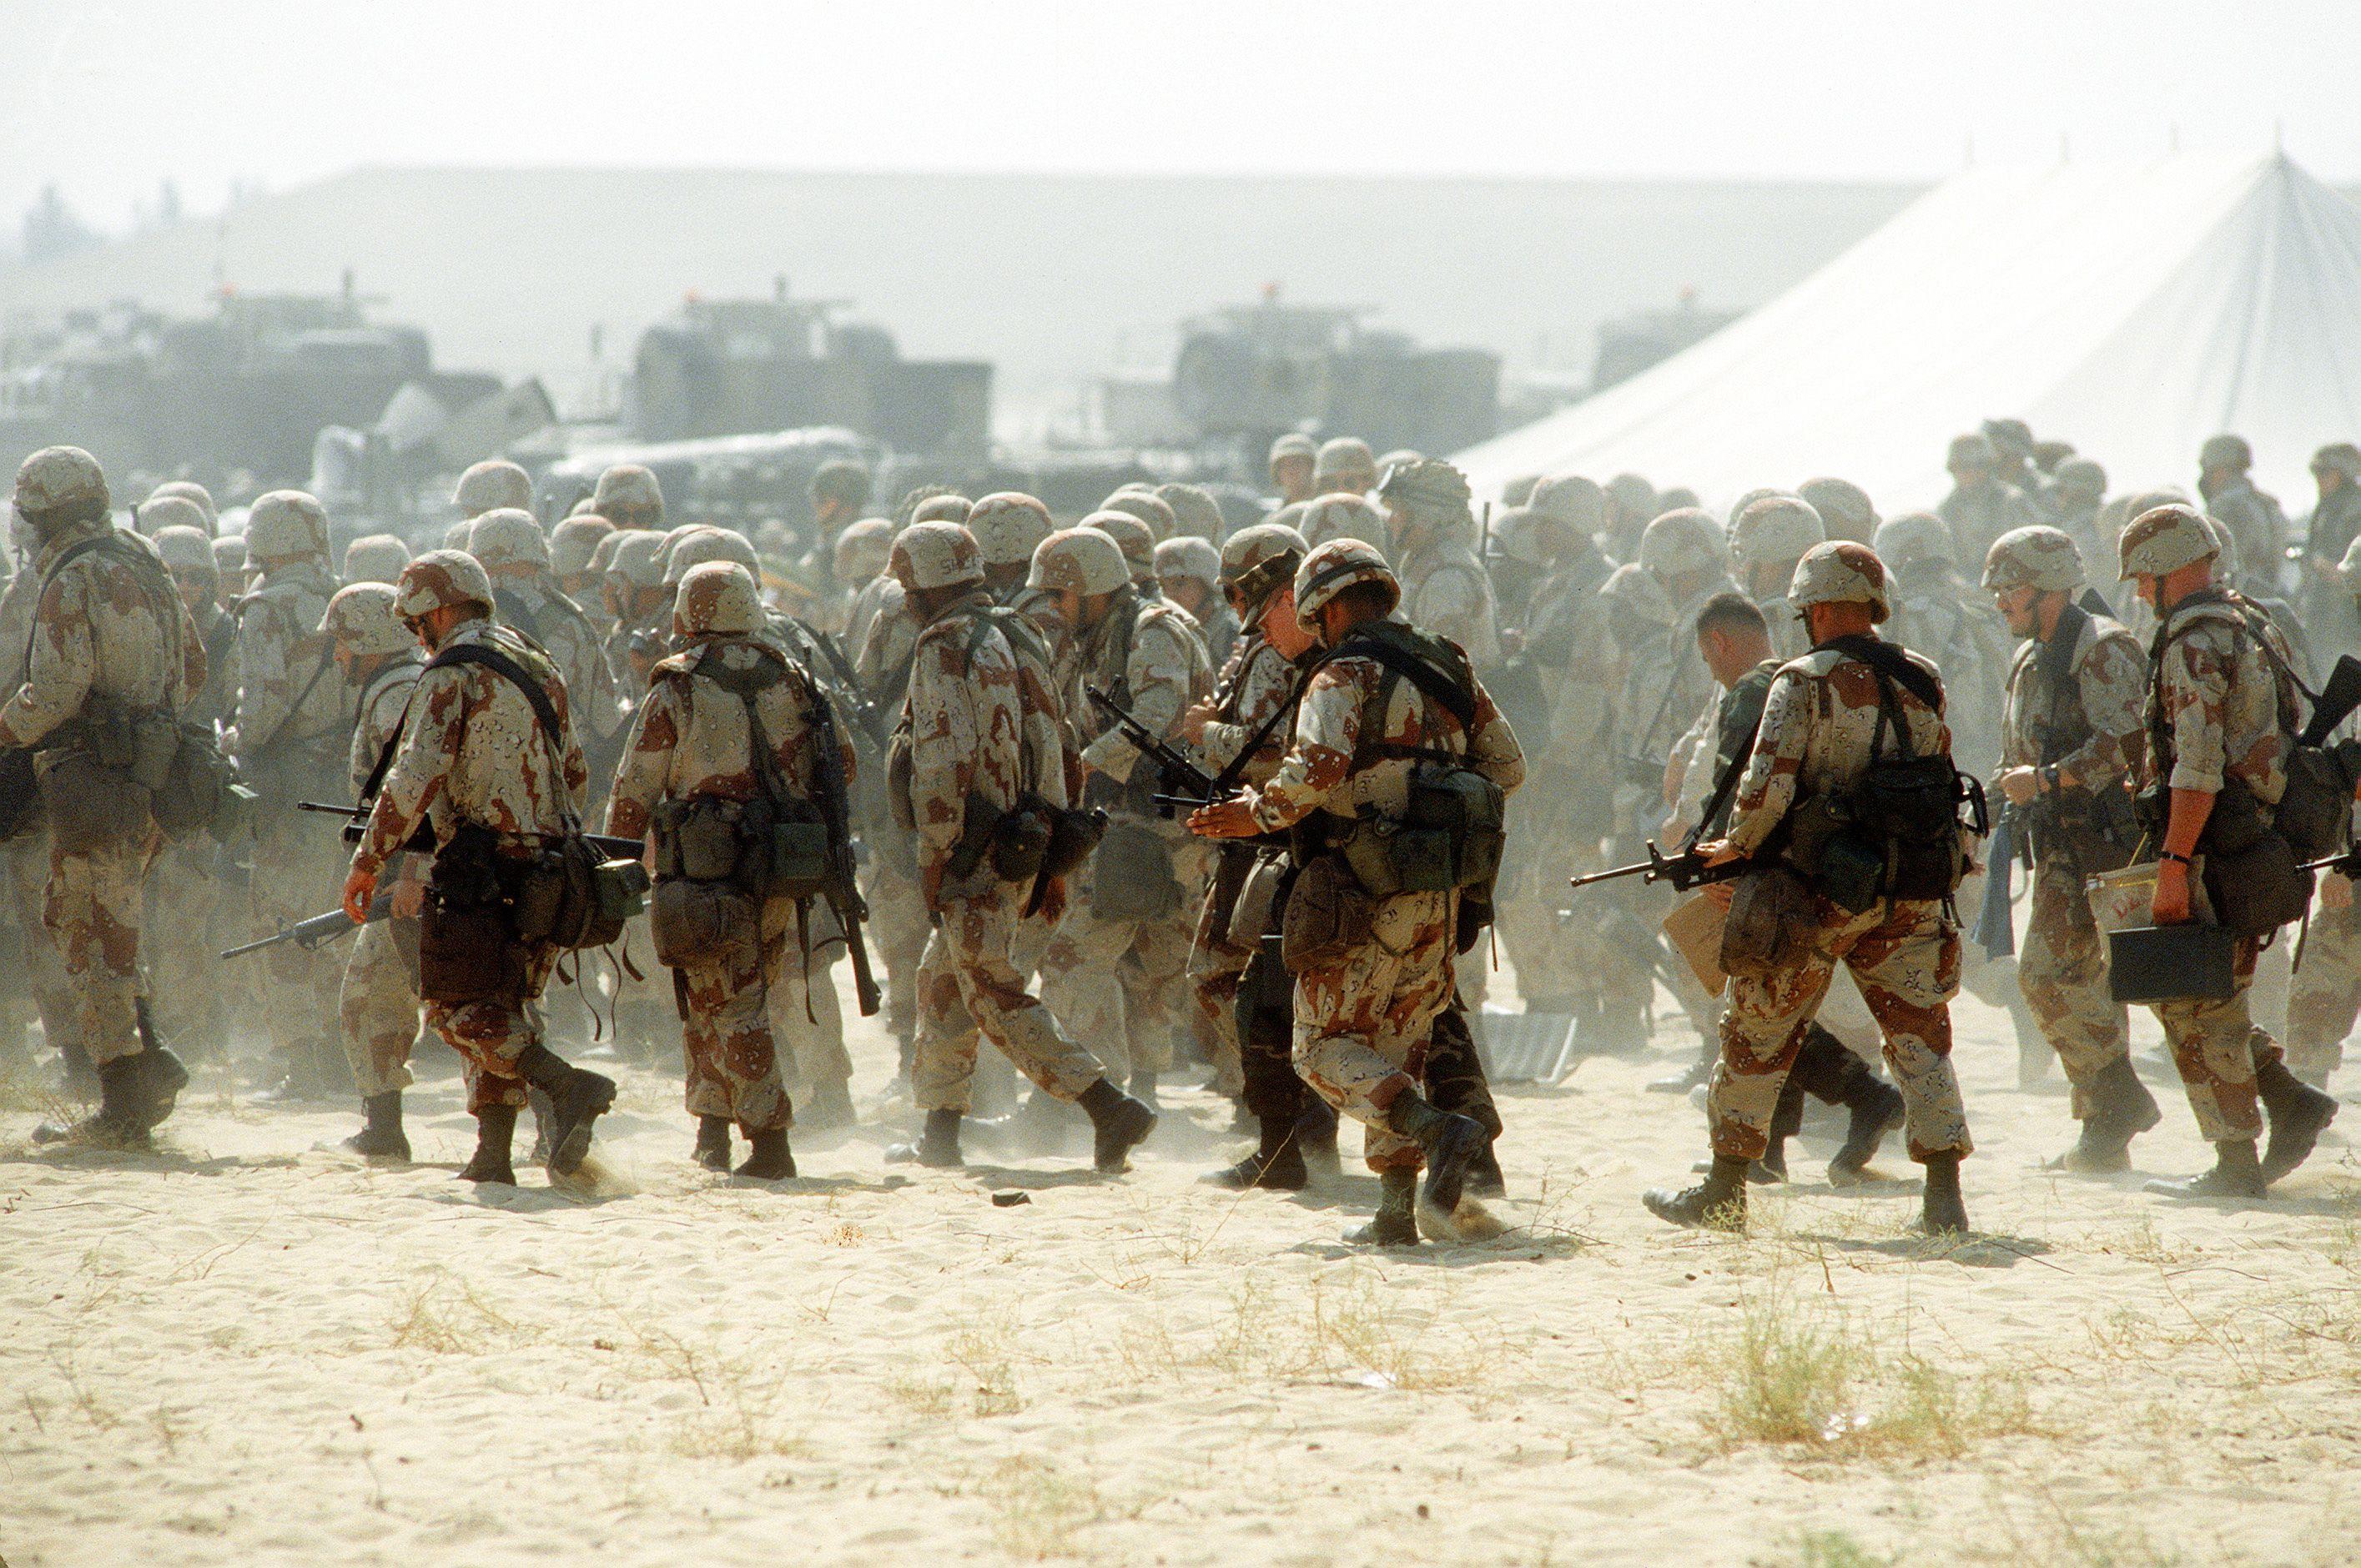 """Résultat de recherche d'images pour """"images soldier US army desert"""""""